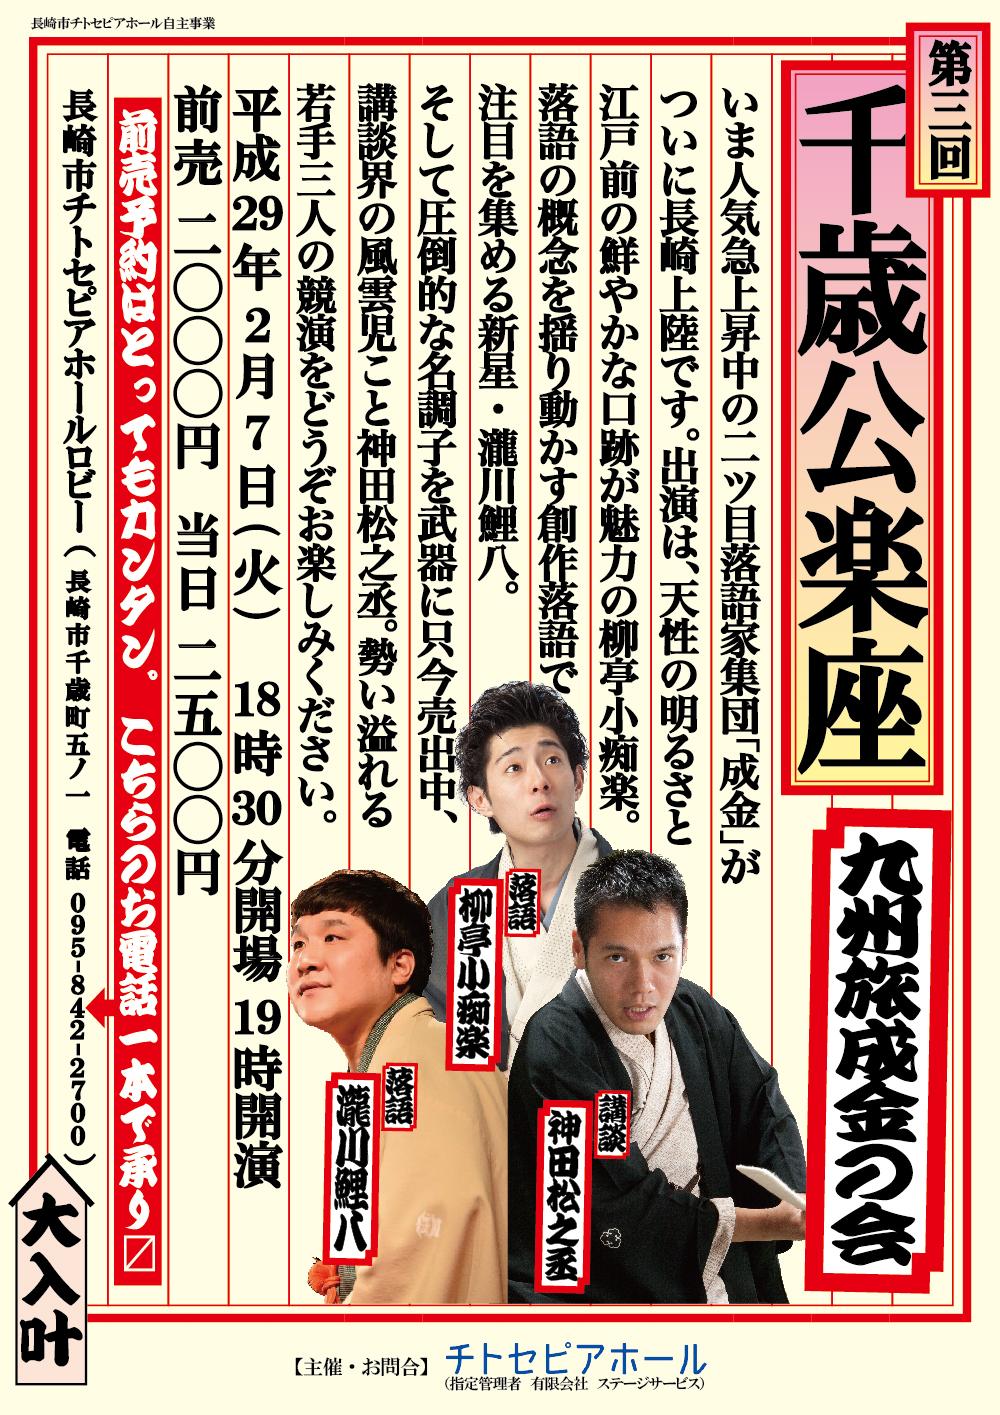 20170207chitosekourakuza